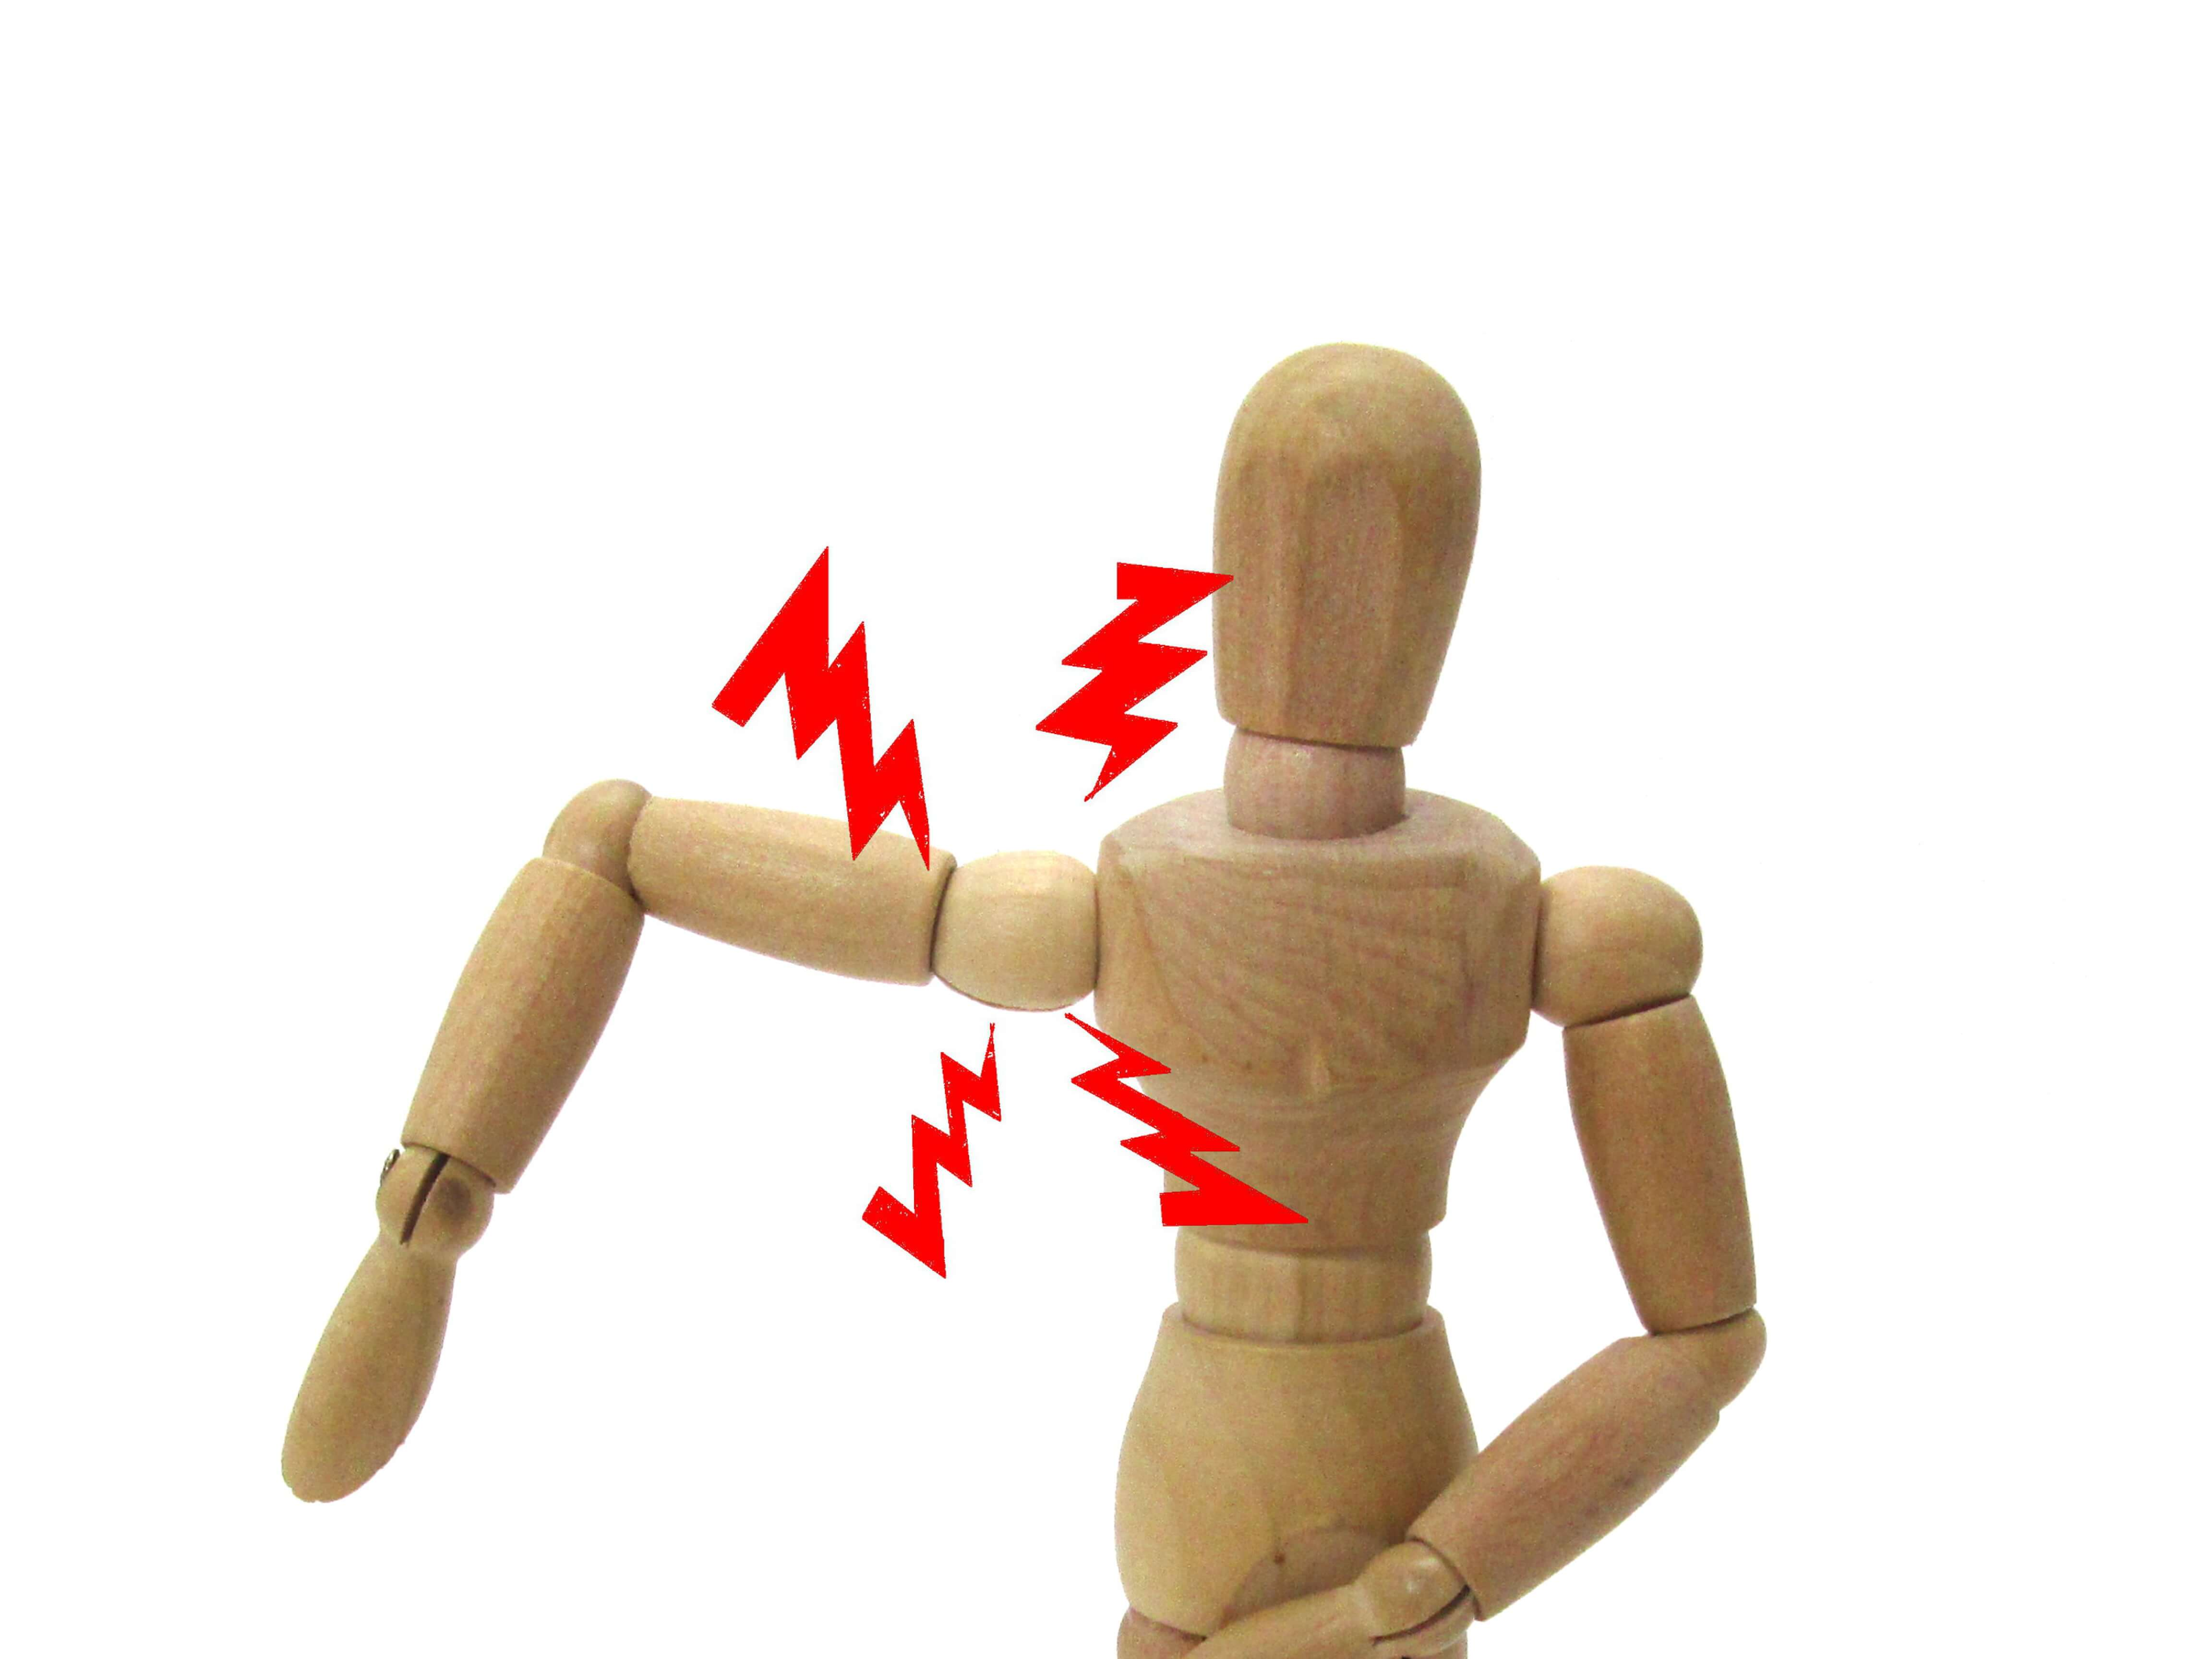 五十肩の痛みのイメージ